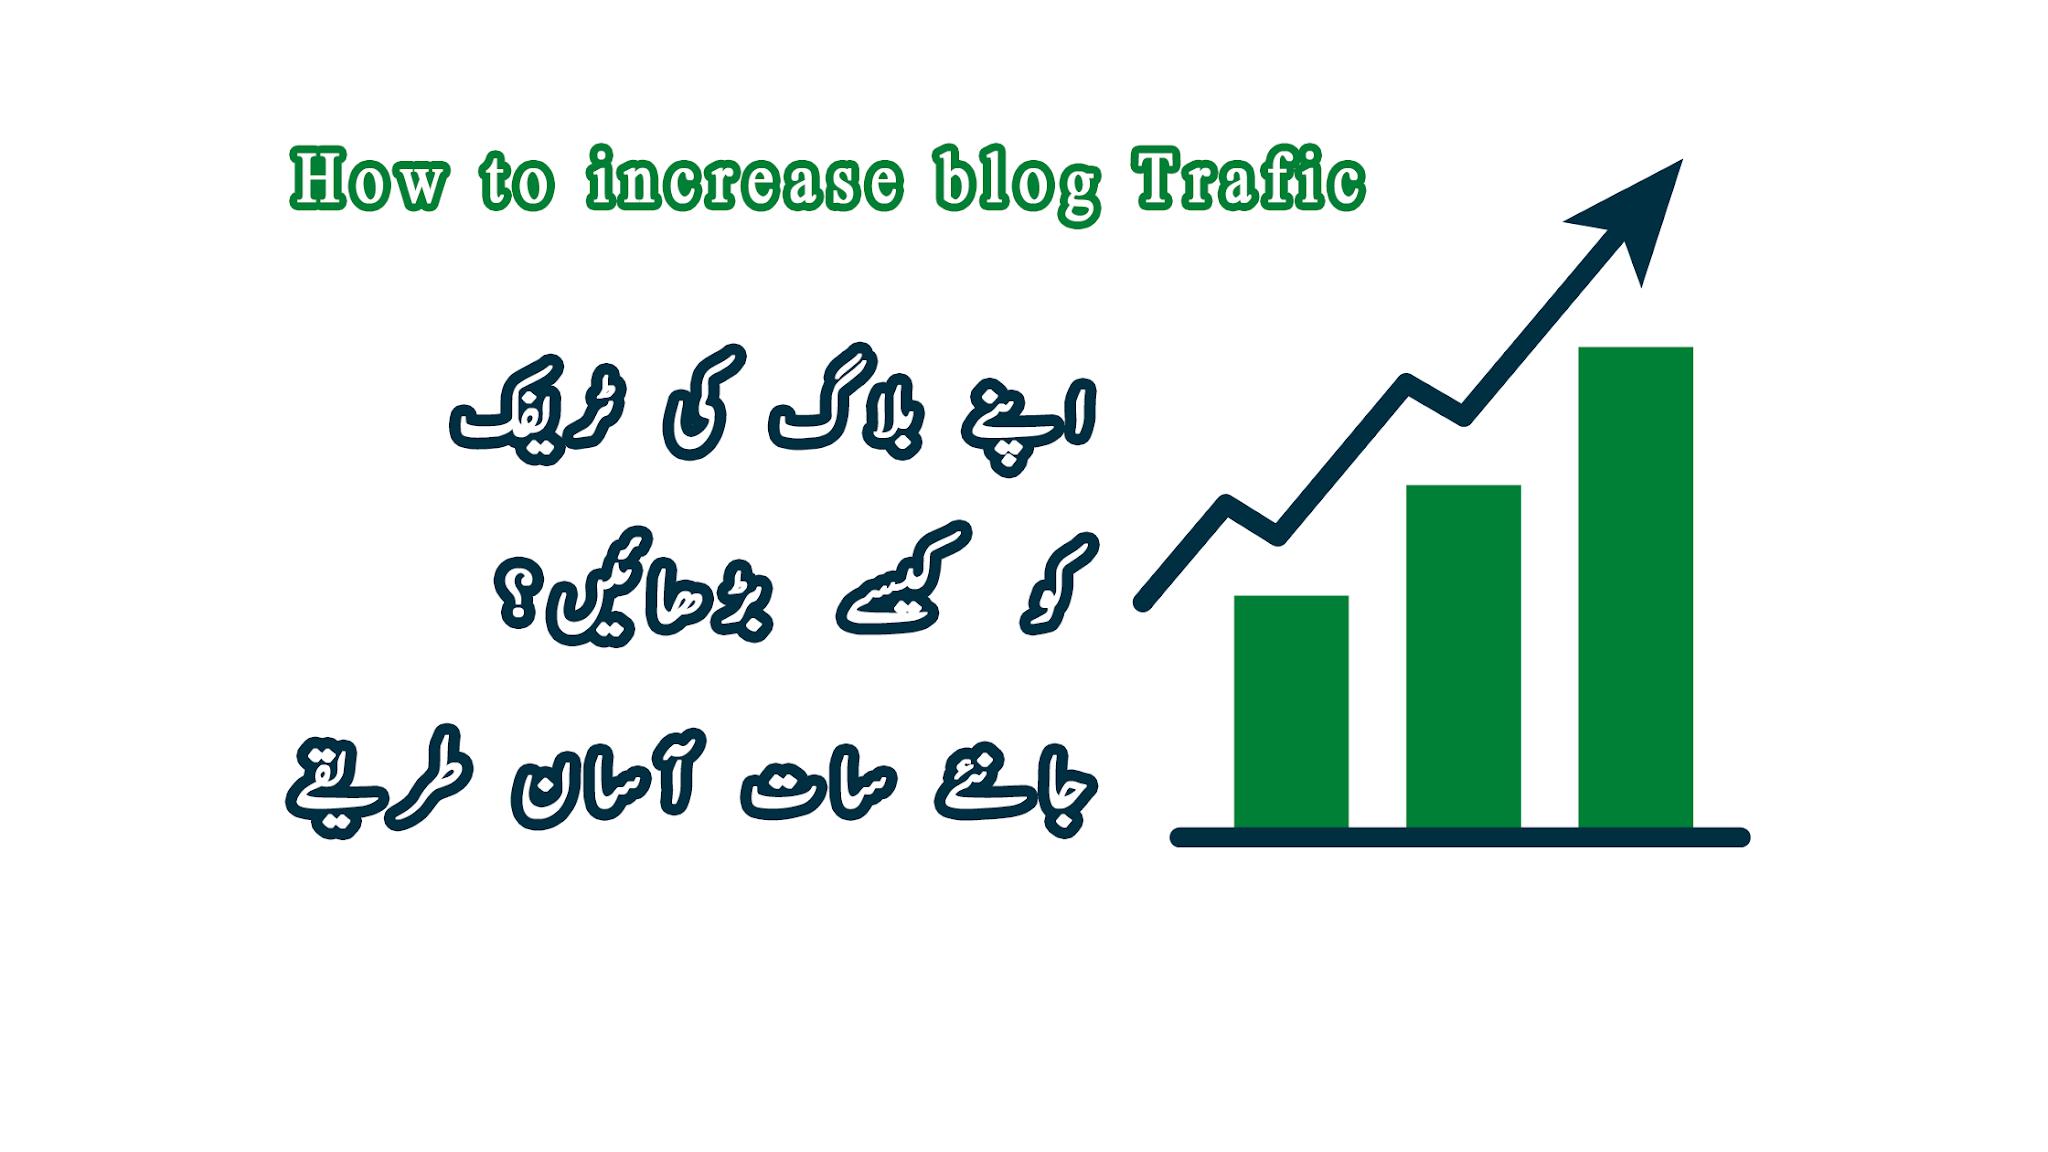 بلاگ ٹریفک کو کیسے بڑھایا جائے